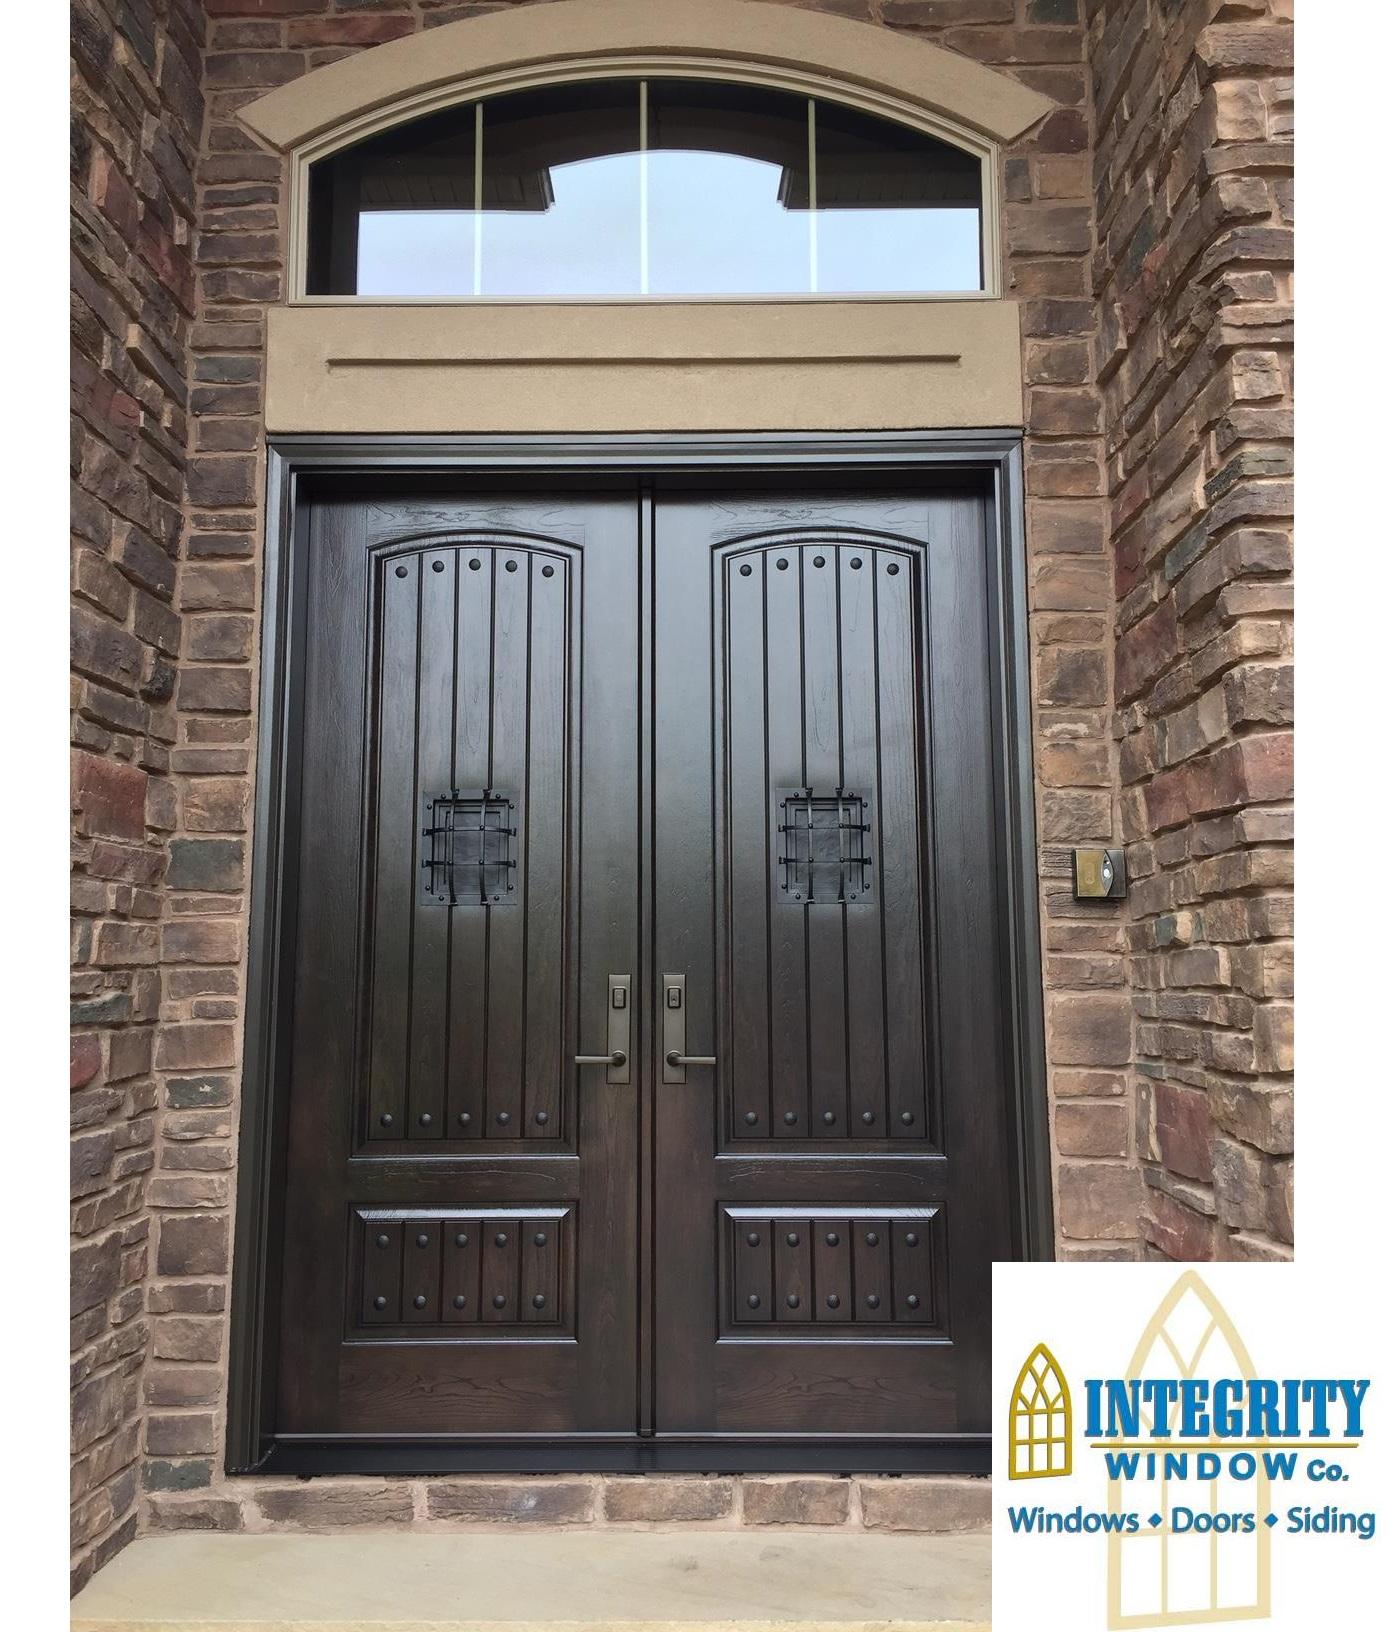 Best of windows and door installer sample resume resume for Custom windows and doors